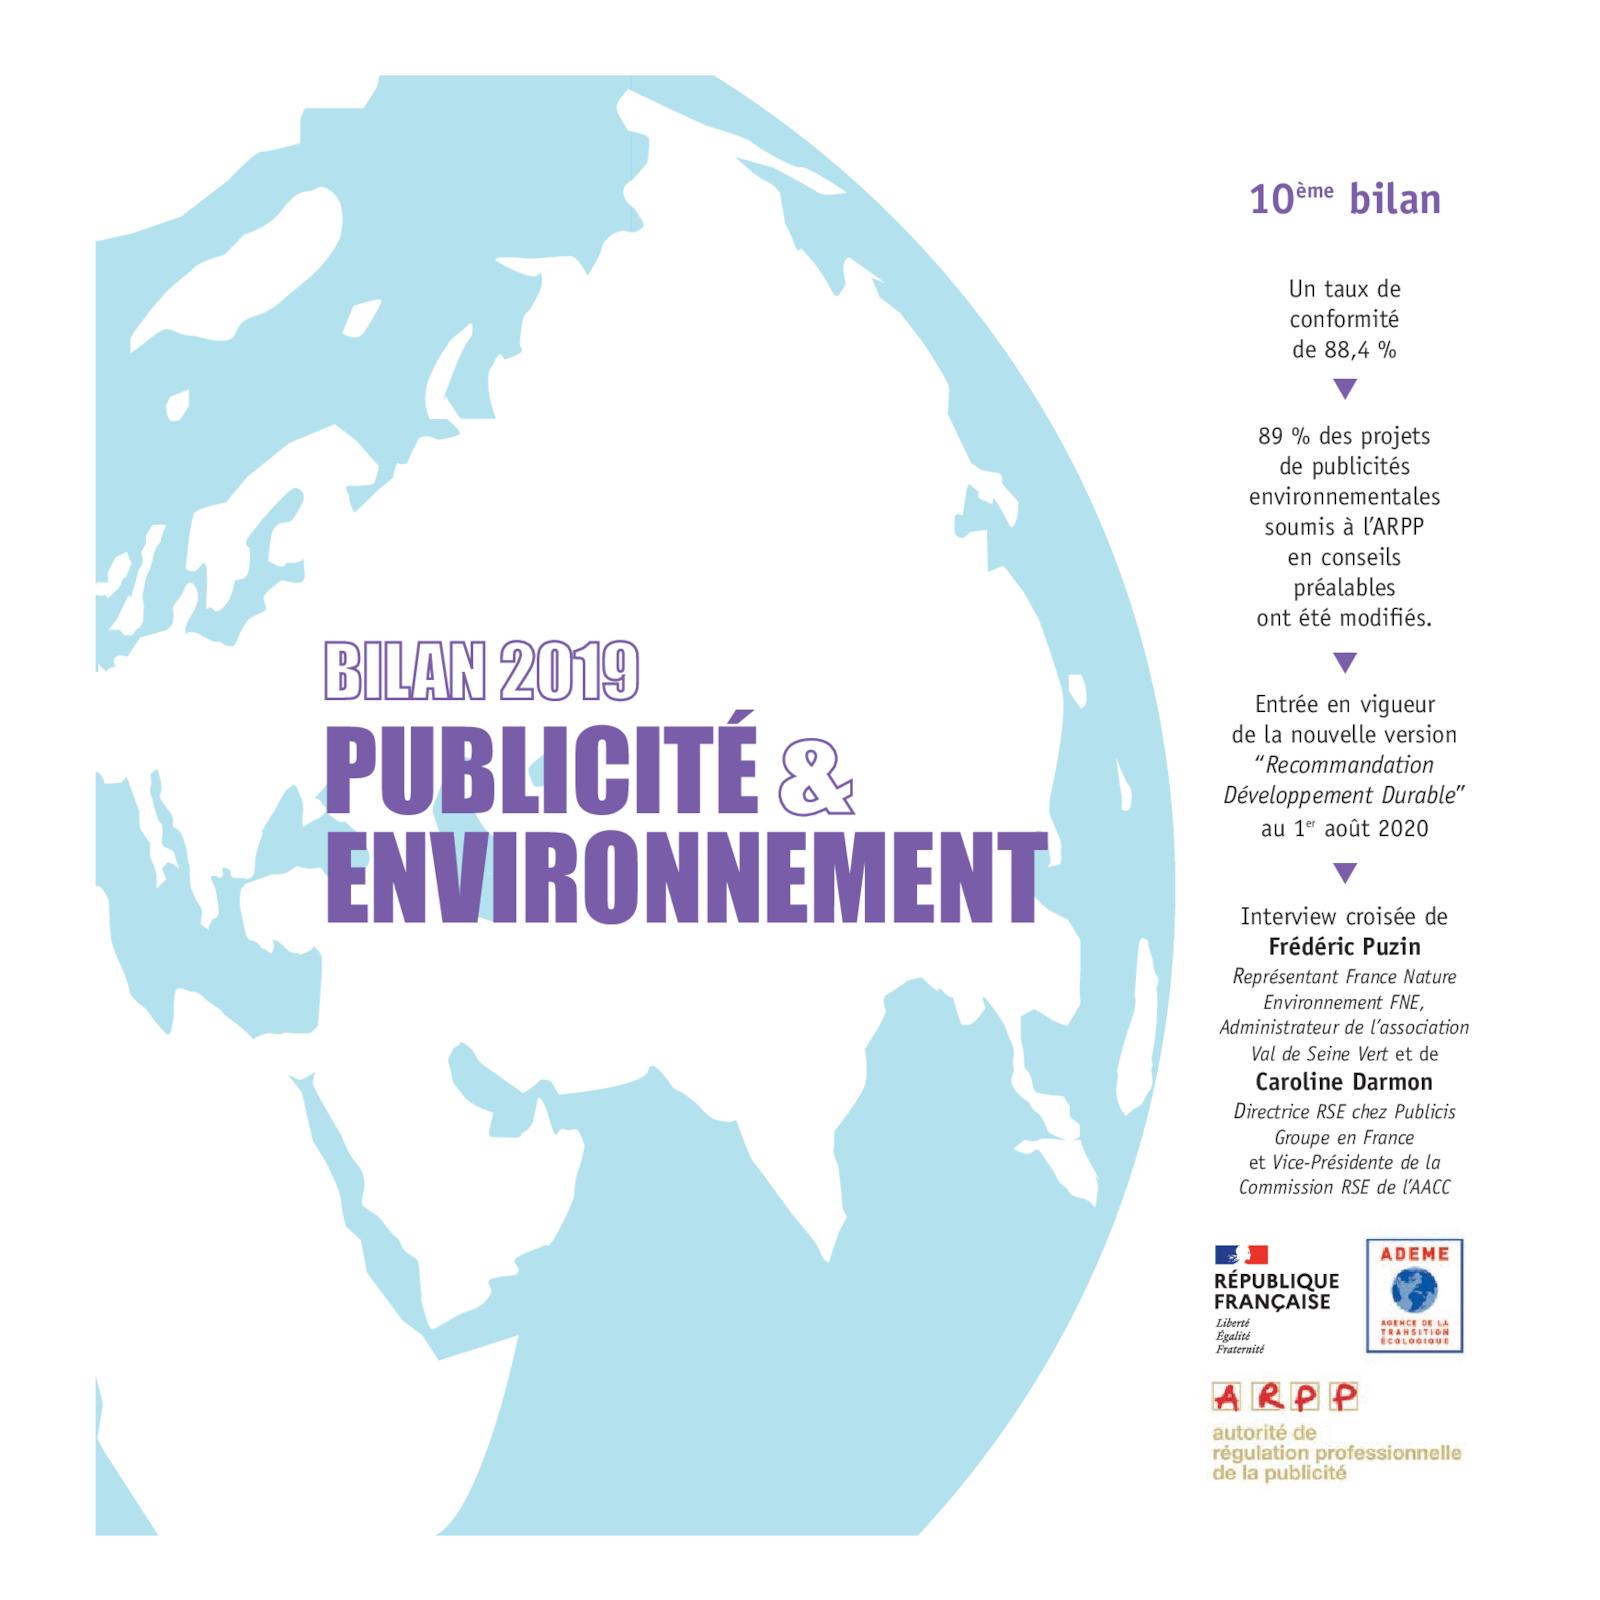 Bilan publicité et environnement 2019